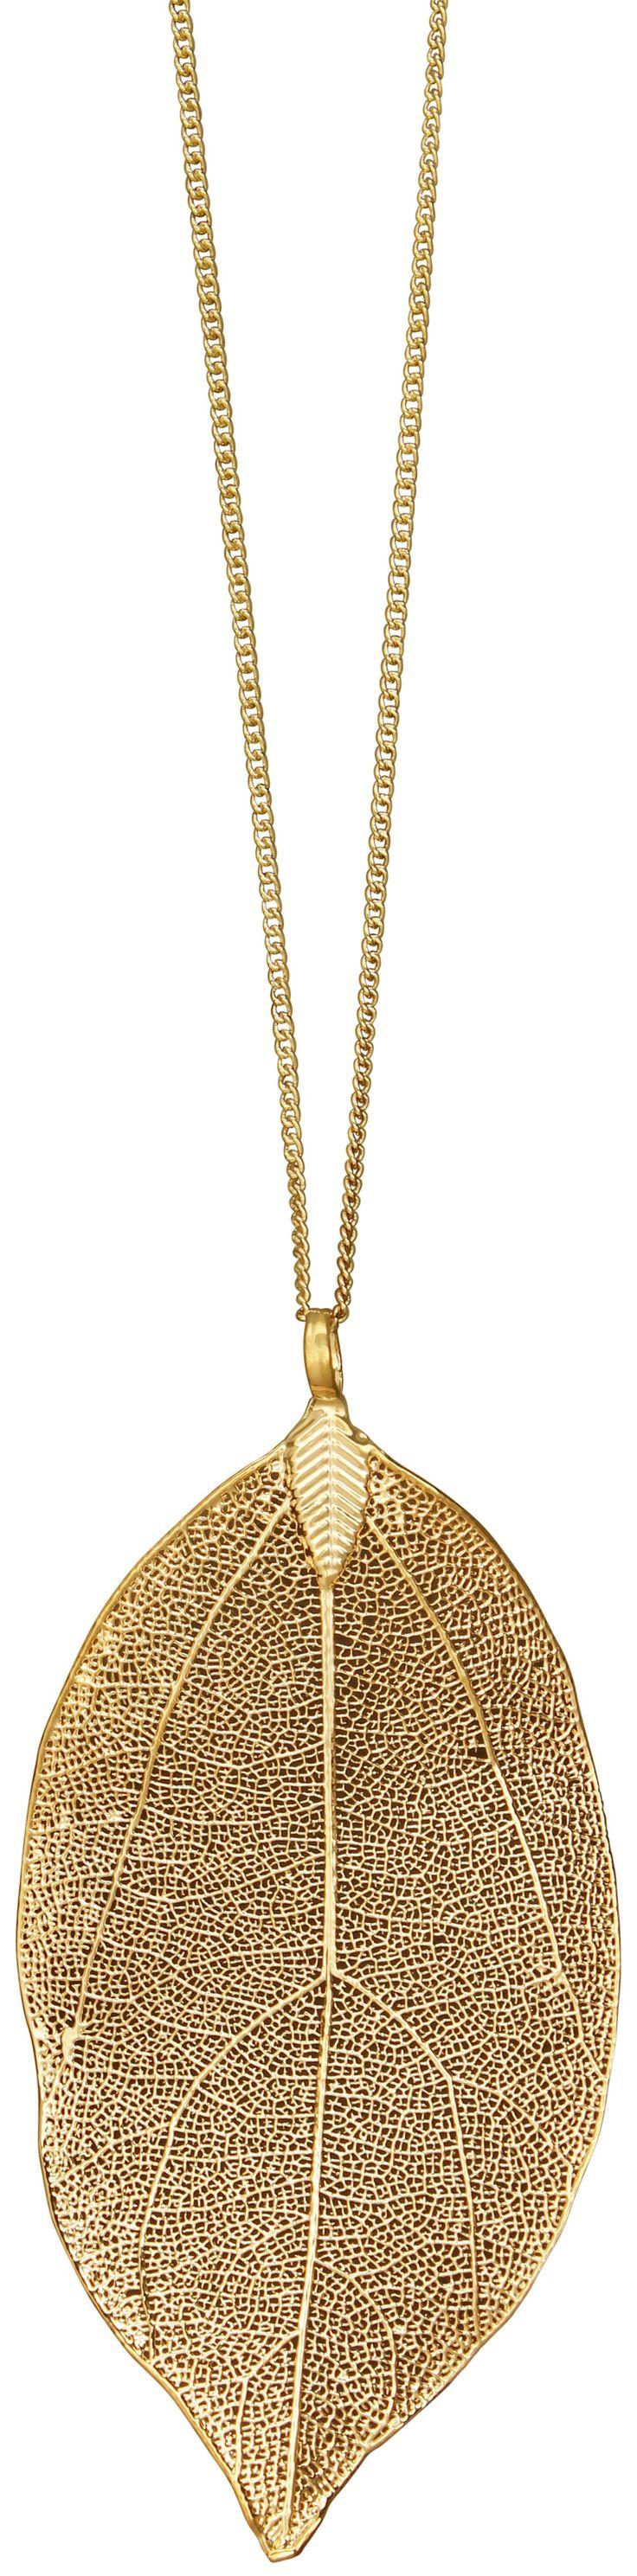 Goldkette damen hochzeit  Die besten 20+ Lange goldketten Ideen auf Pinterest | Sterling ...